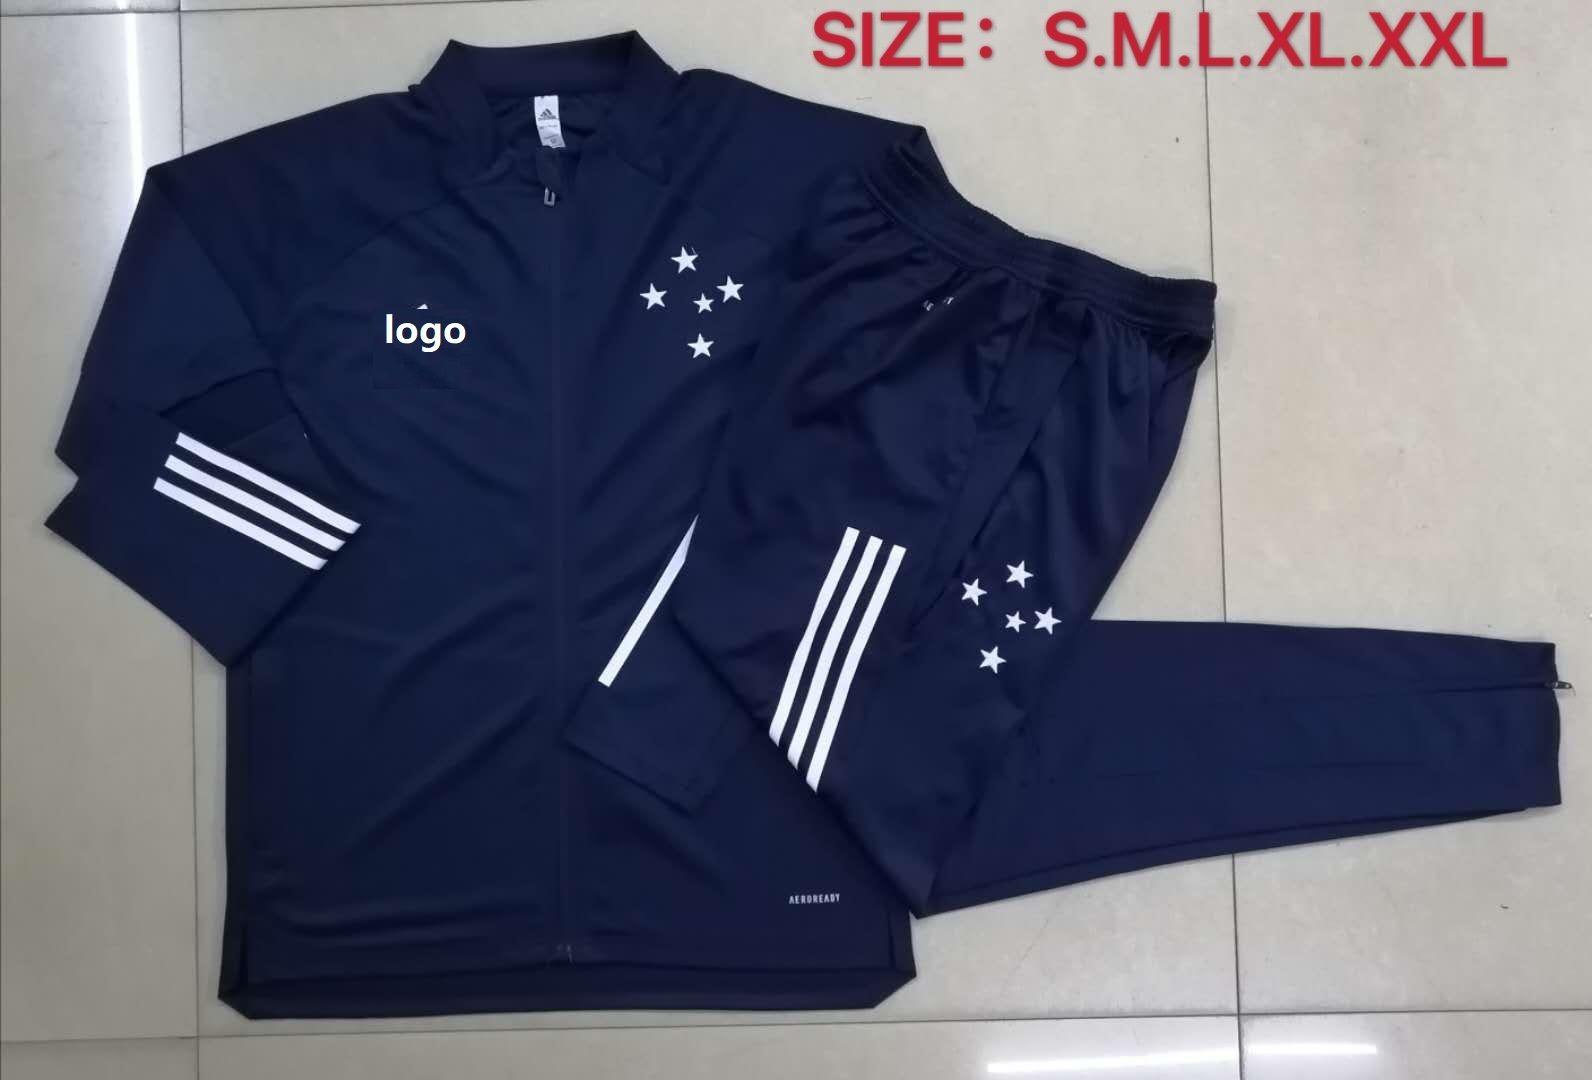 Pin On Jacket Tracksuit Soccer Jerseys